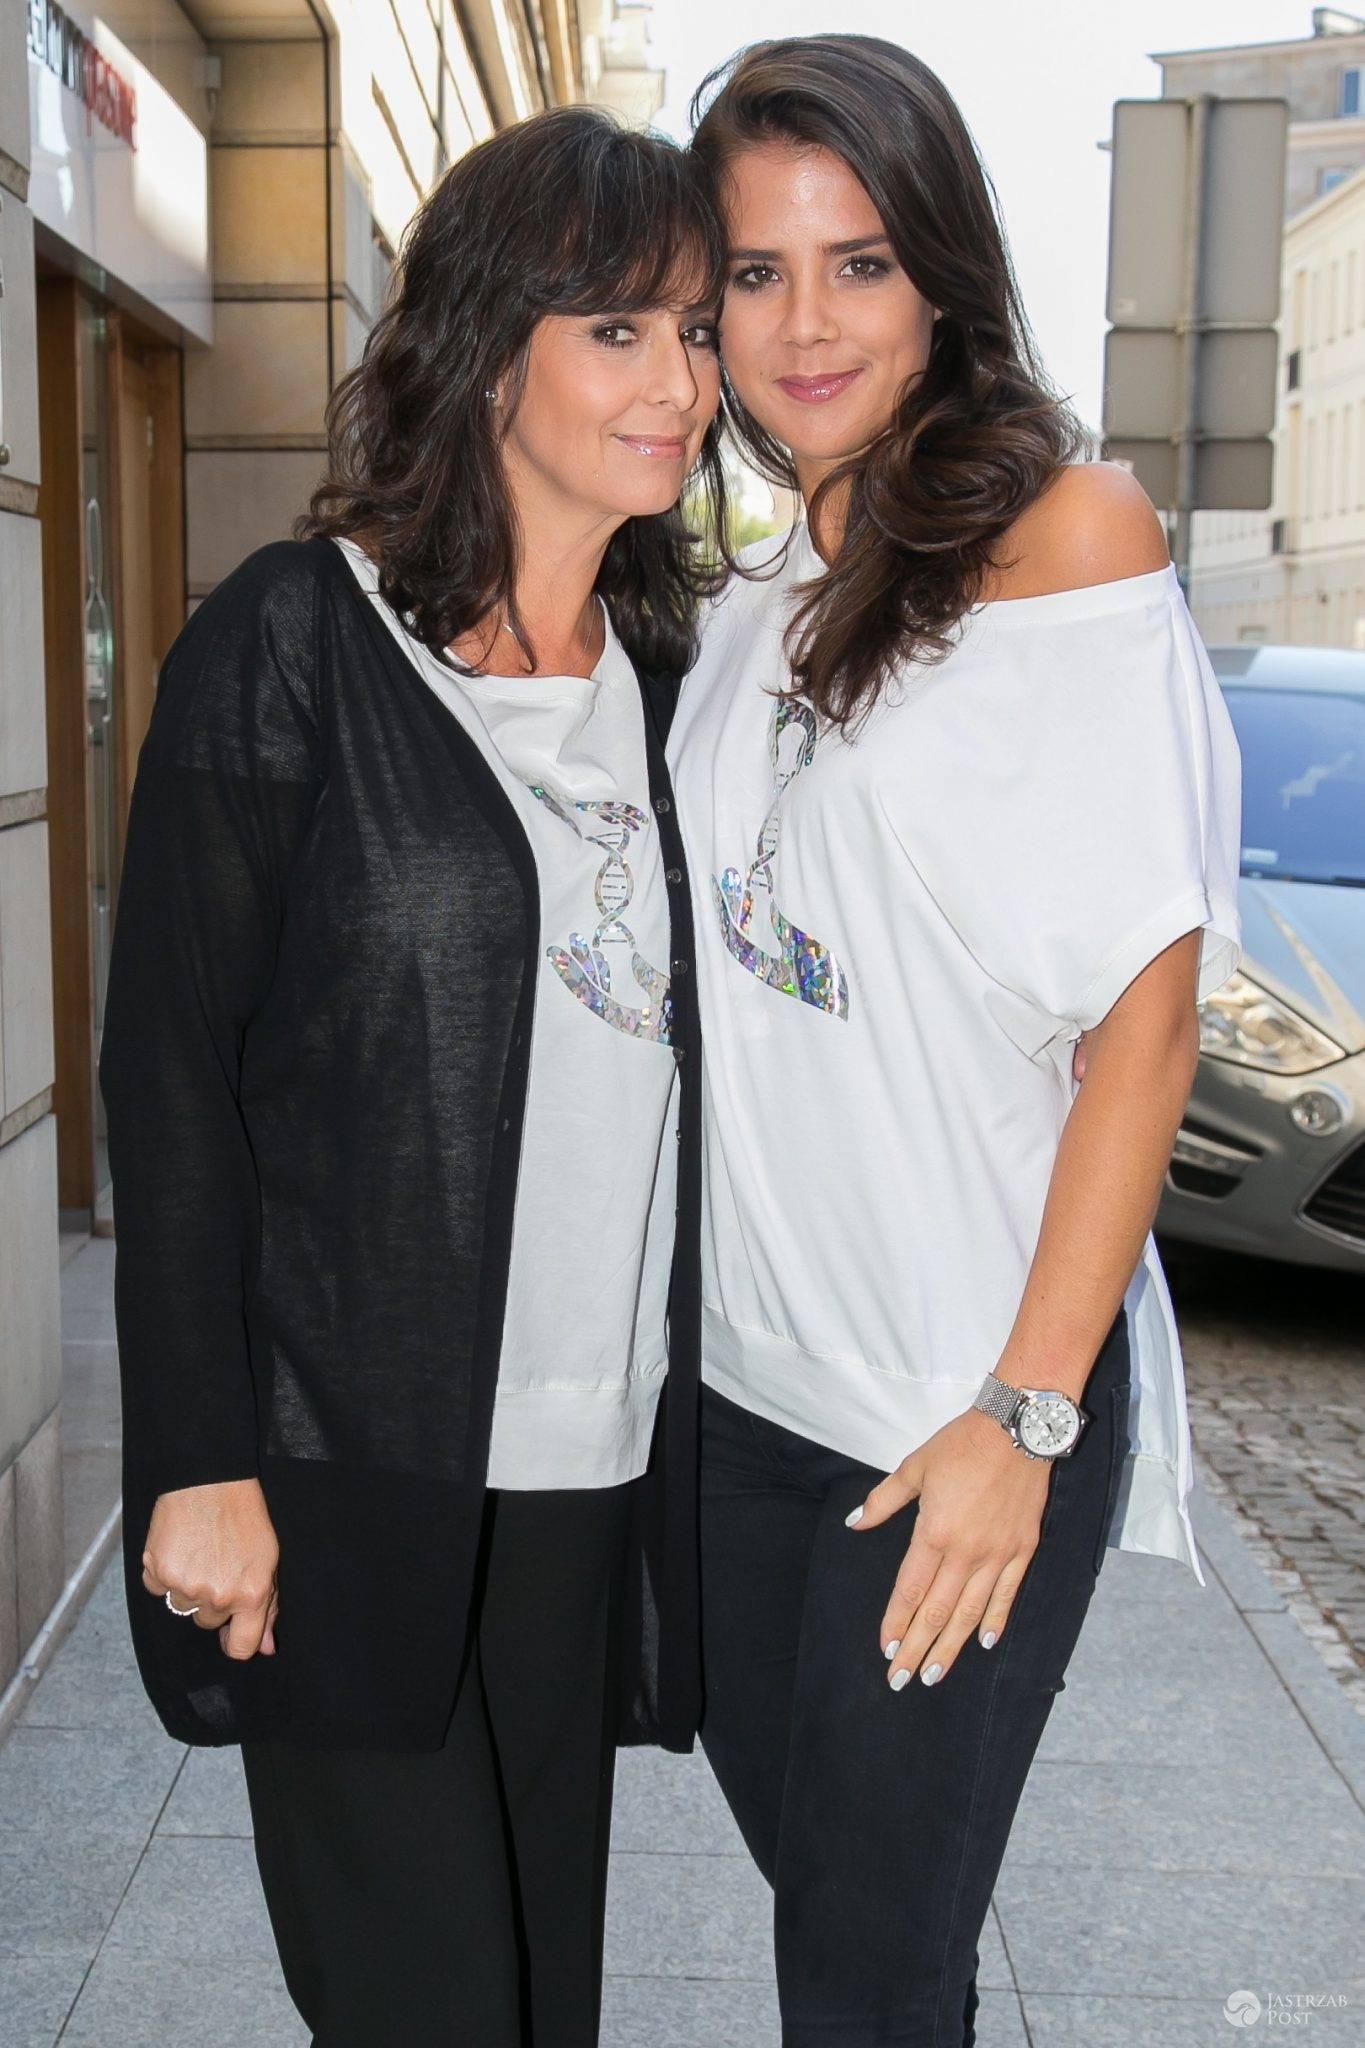 Anna Korcz z córką Anną na konferencji prasowej akcji społecznej Kwiat Kobiecości. Zdjęcia